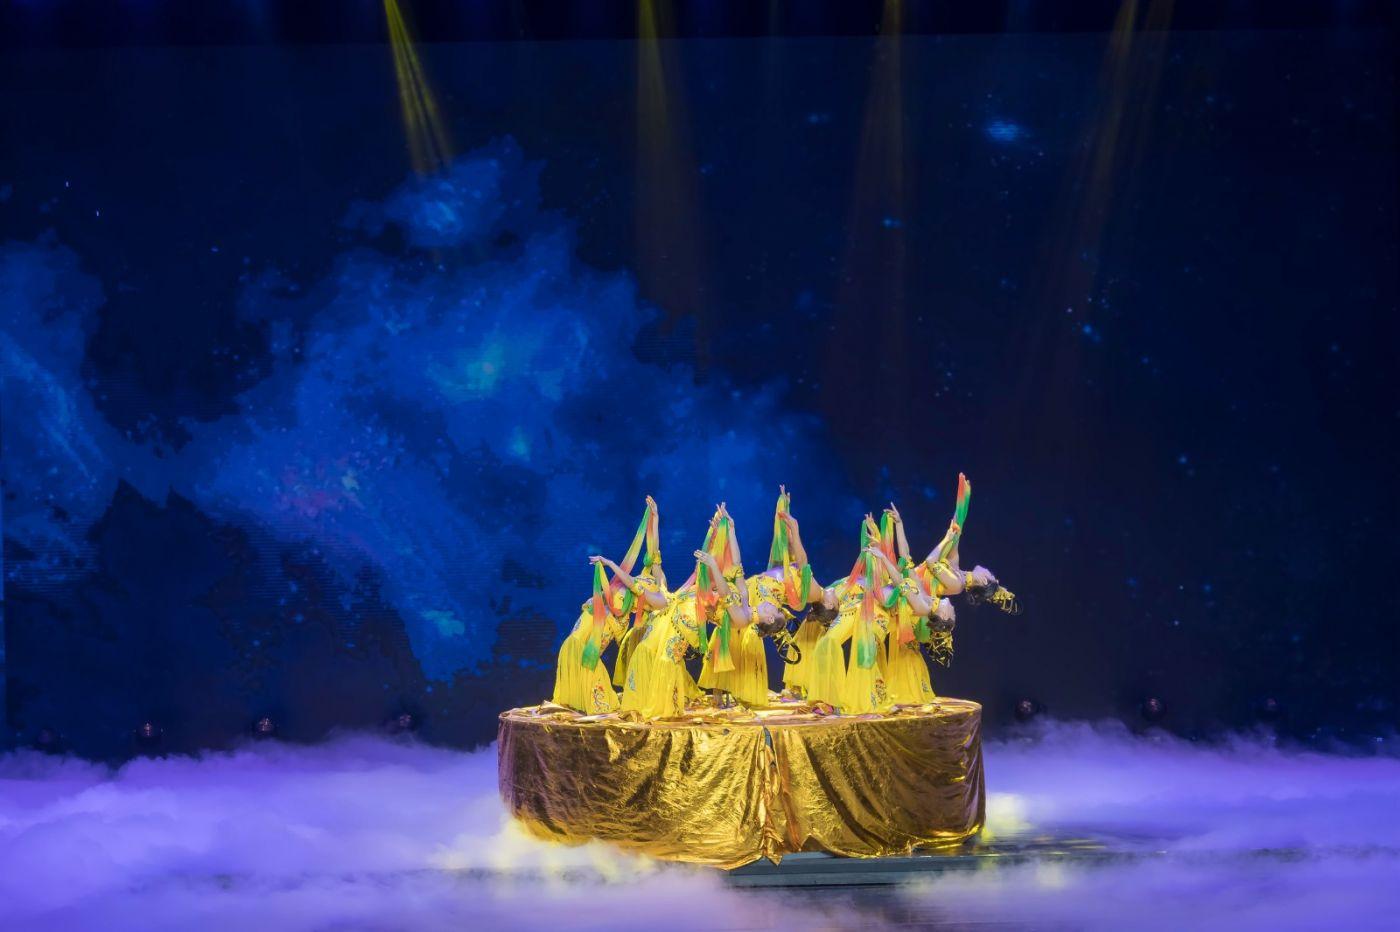 沂蒙大地上 有一种舞蹈叫飞天 这是几位临沂女孩的杰作 美轮美奂 ..._图1-45